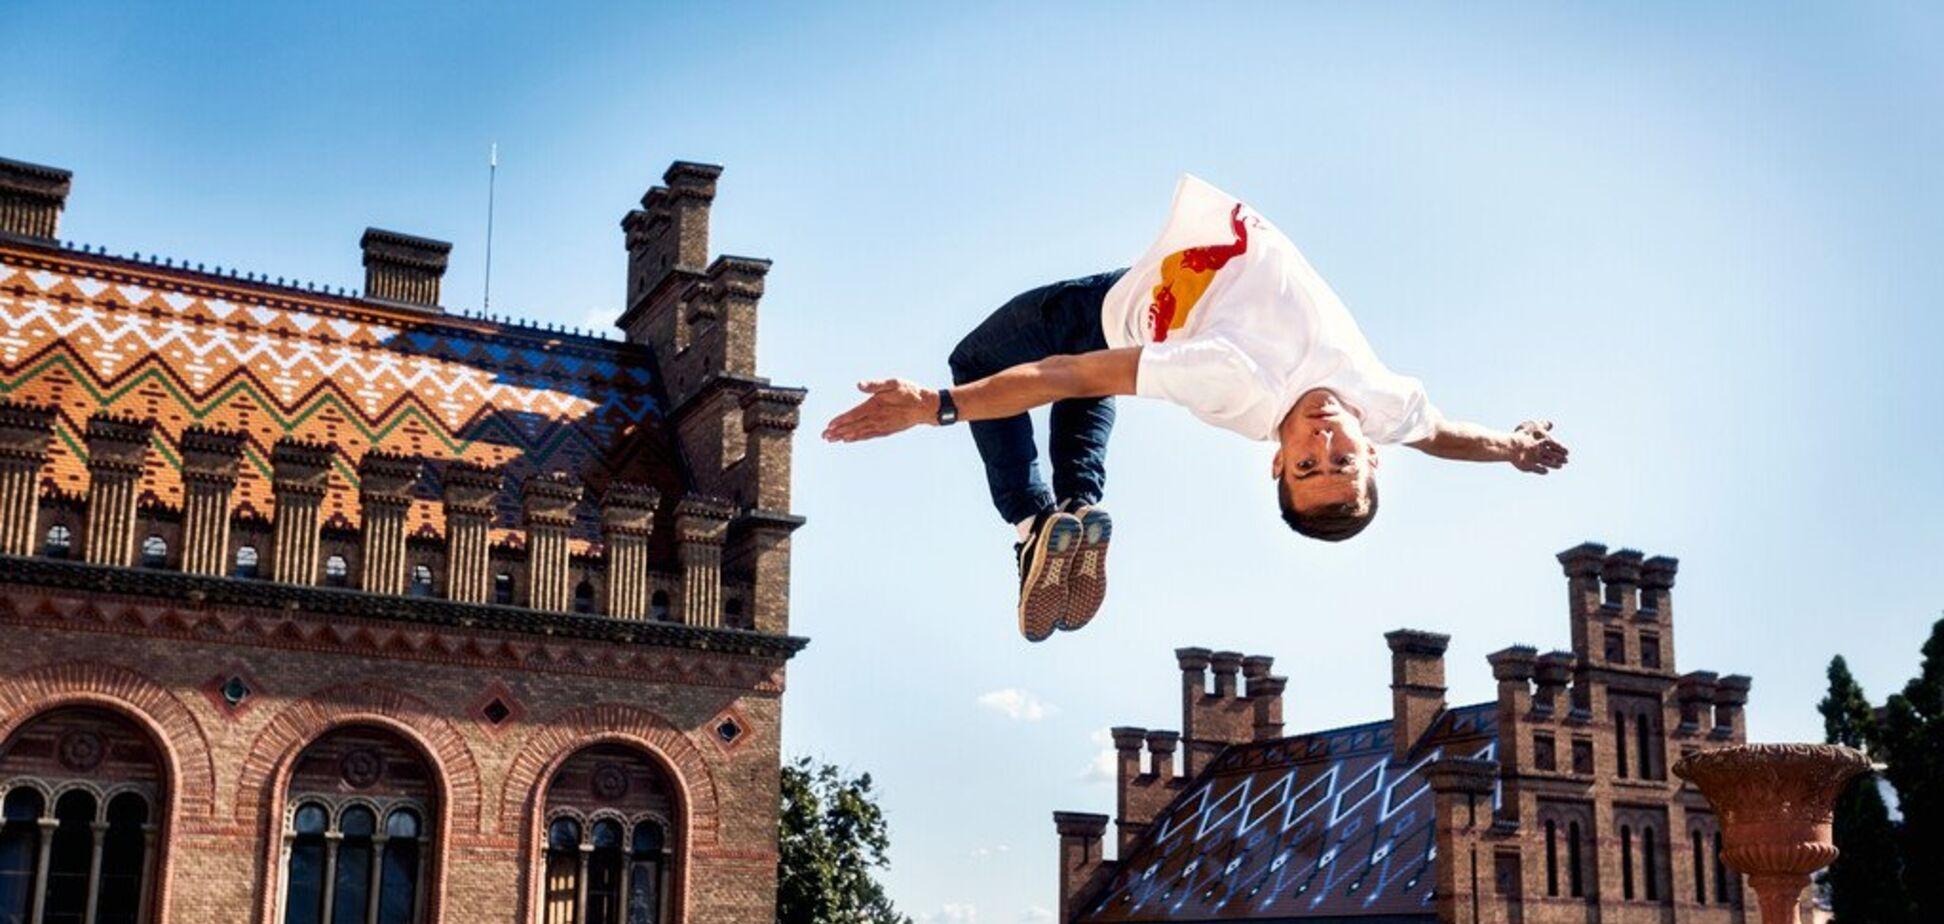 Успеть на экзамен! Зрелищные паркур-трюки в одном из старейших университетов Украины!